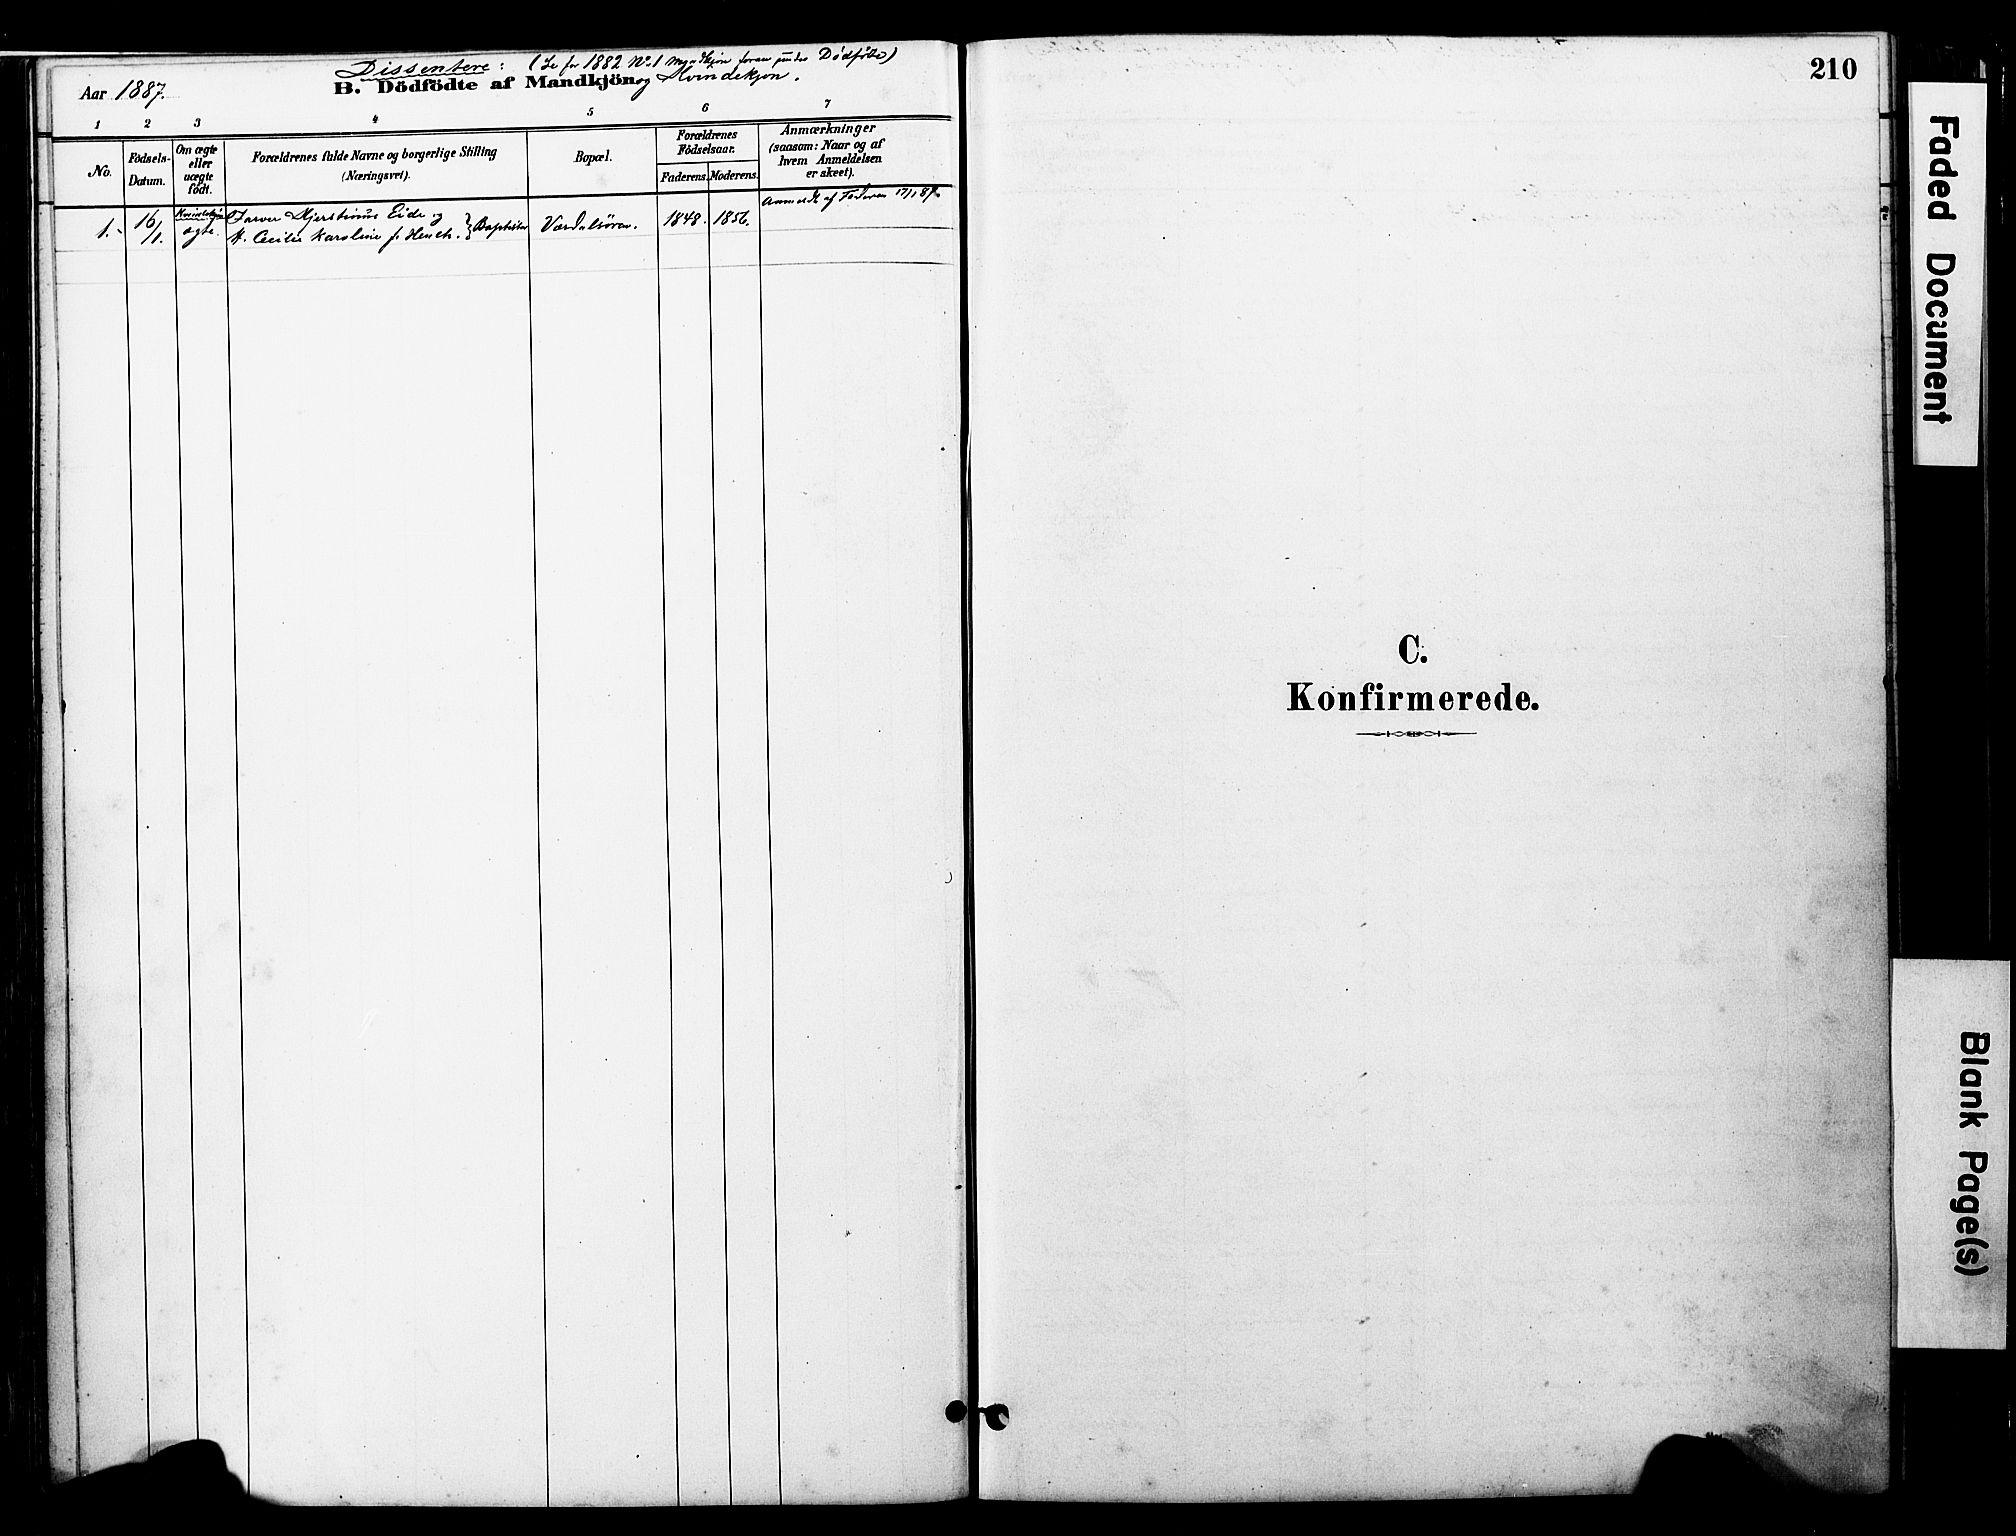 SAT, Ministerialprotokoller, klokkerbøker og fødselsregistre - Nord-Trøndelag, 723/L0244: Ministerialbok nr. 723A13, 1881-1899, s. 210